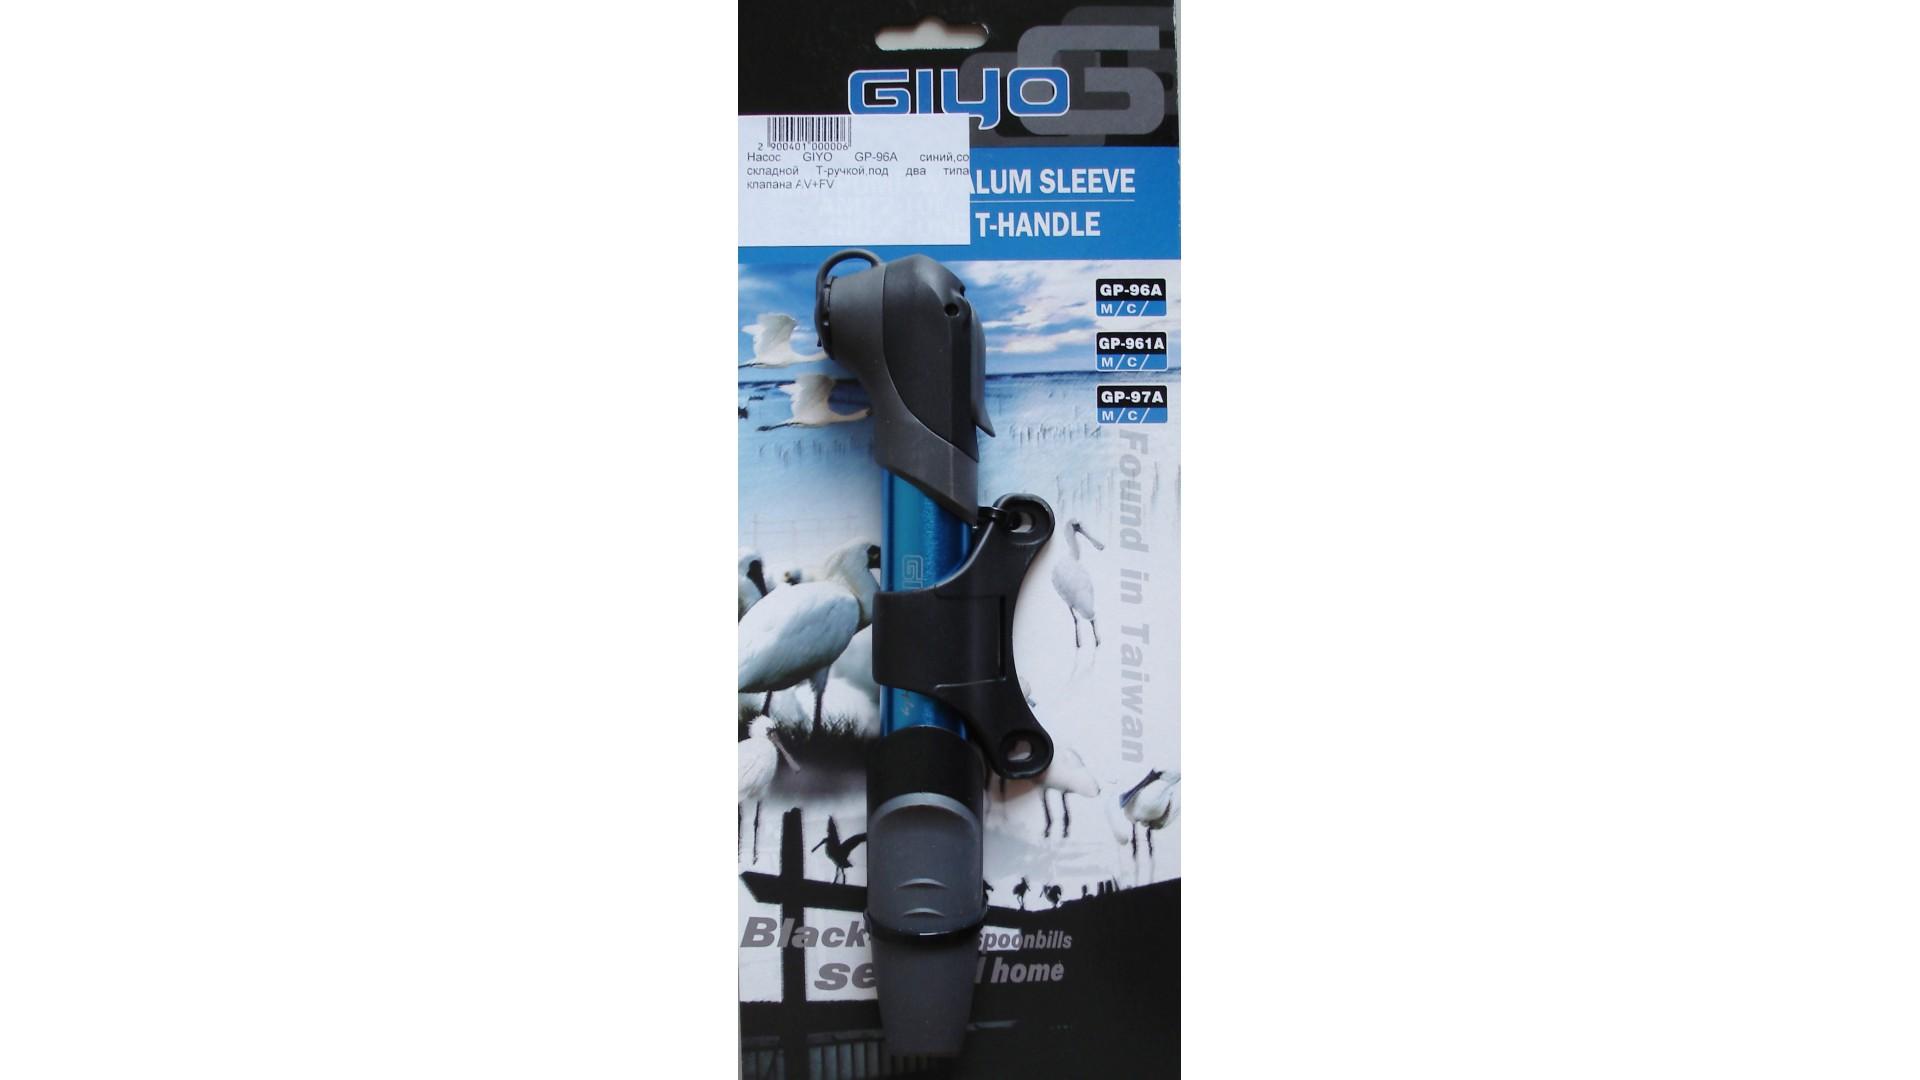 Насос GIYO GP-96A синий со складной Т-ручкой под два типа клапана AV+FV